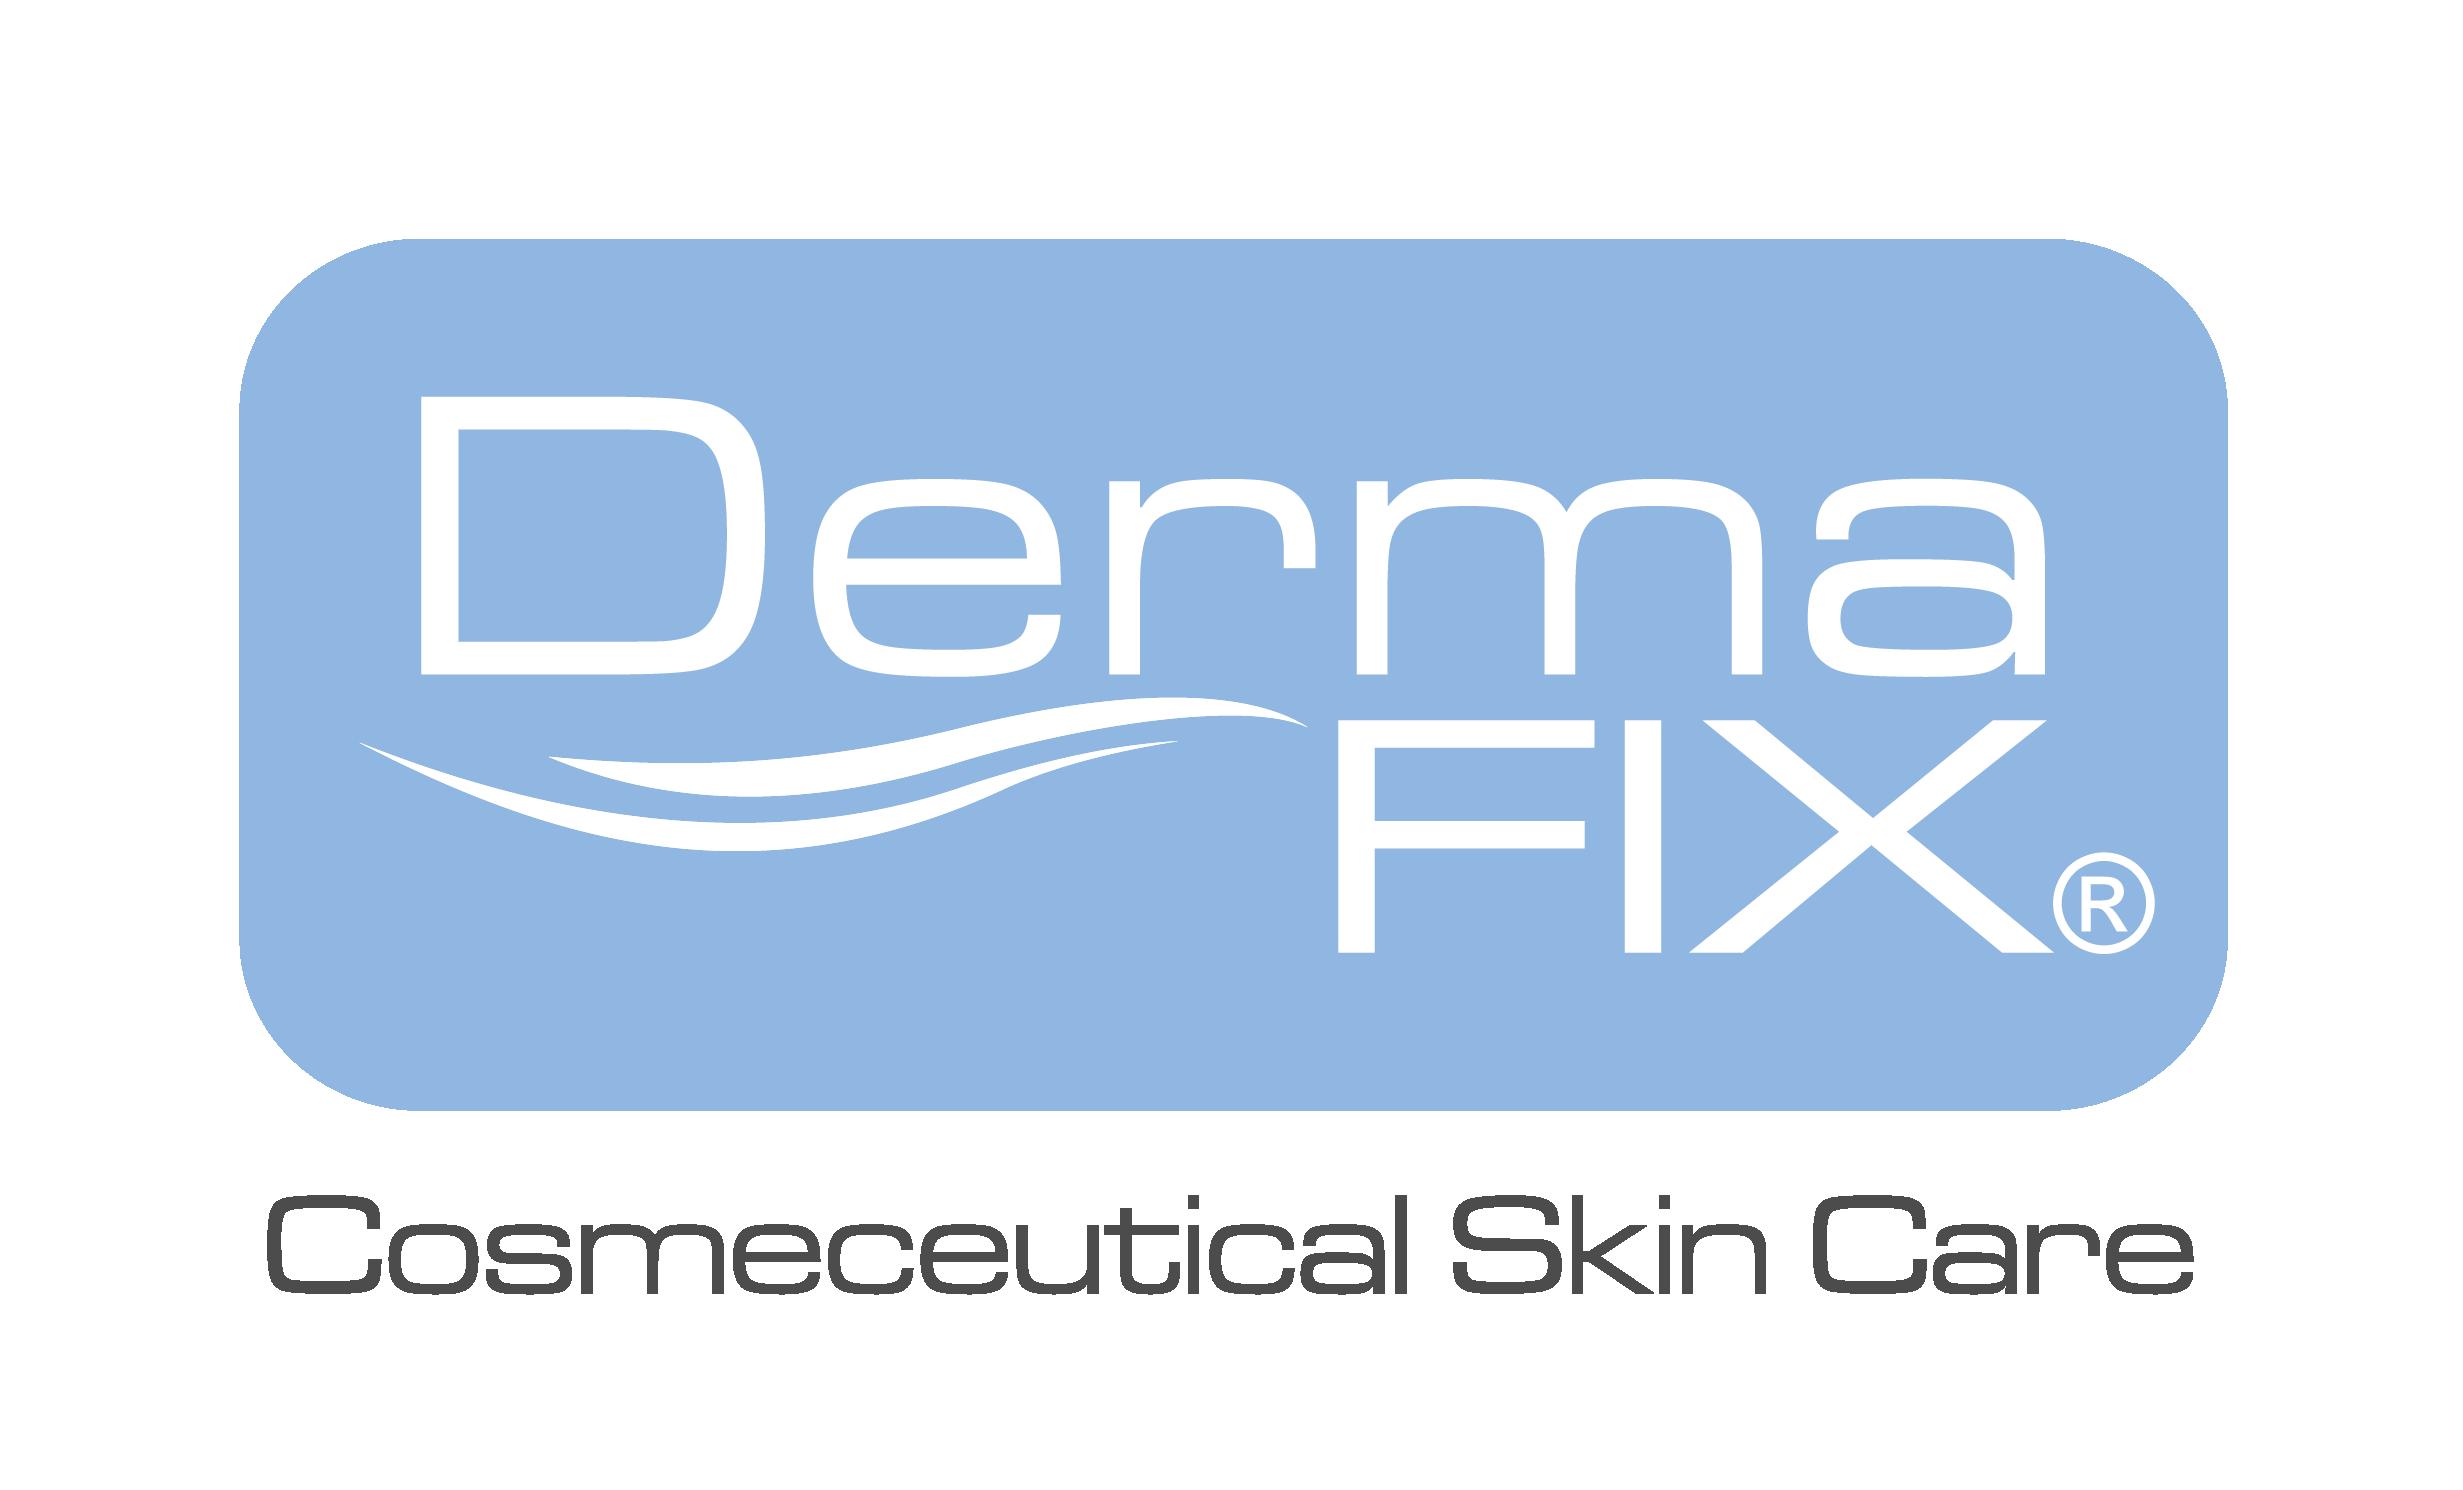 derma fix logo